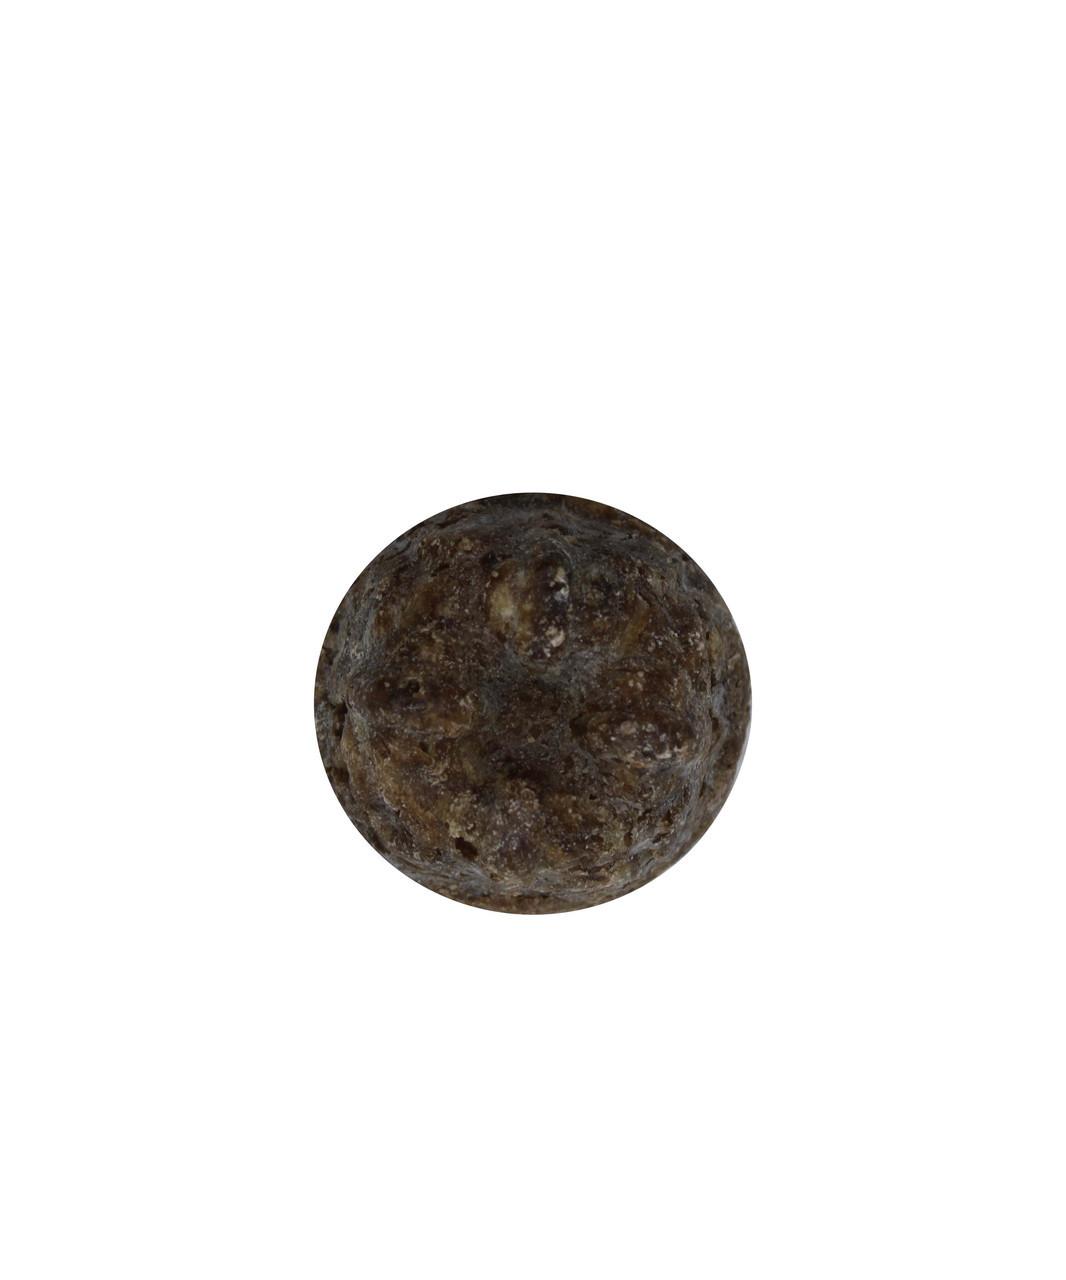 Шампунь Арабески брусочок міні - 20 грам, пробник - натуральний, для волосся всіх типів, східний аромат